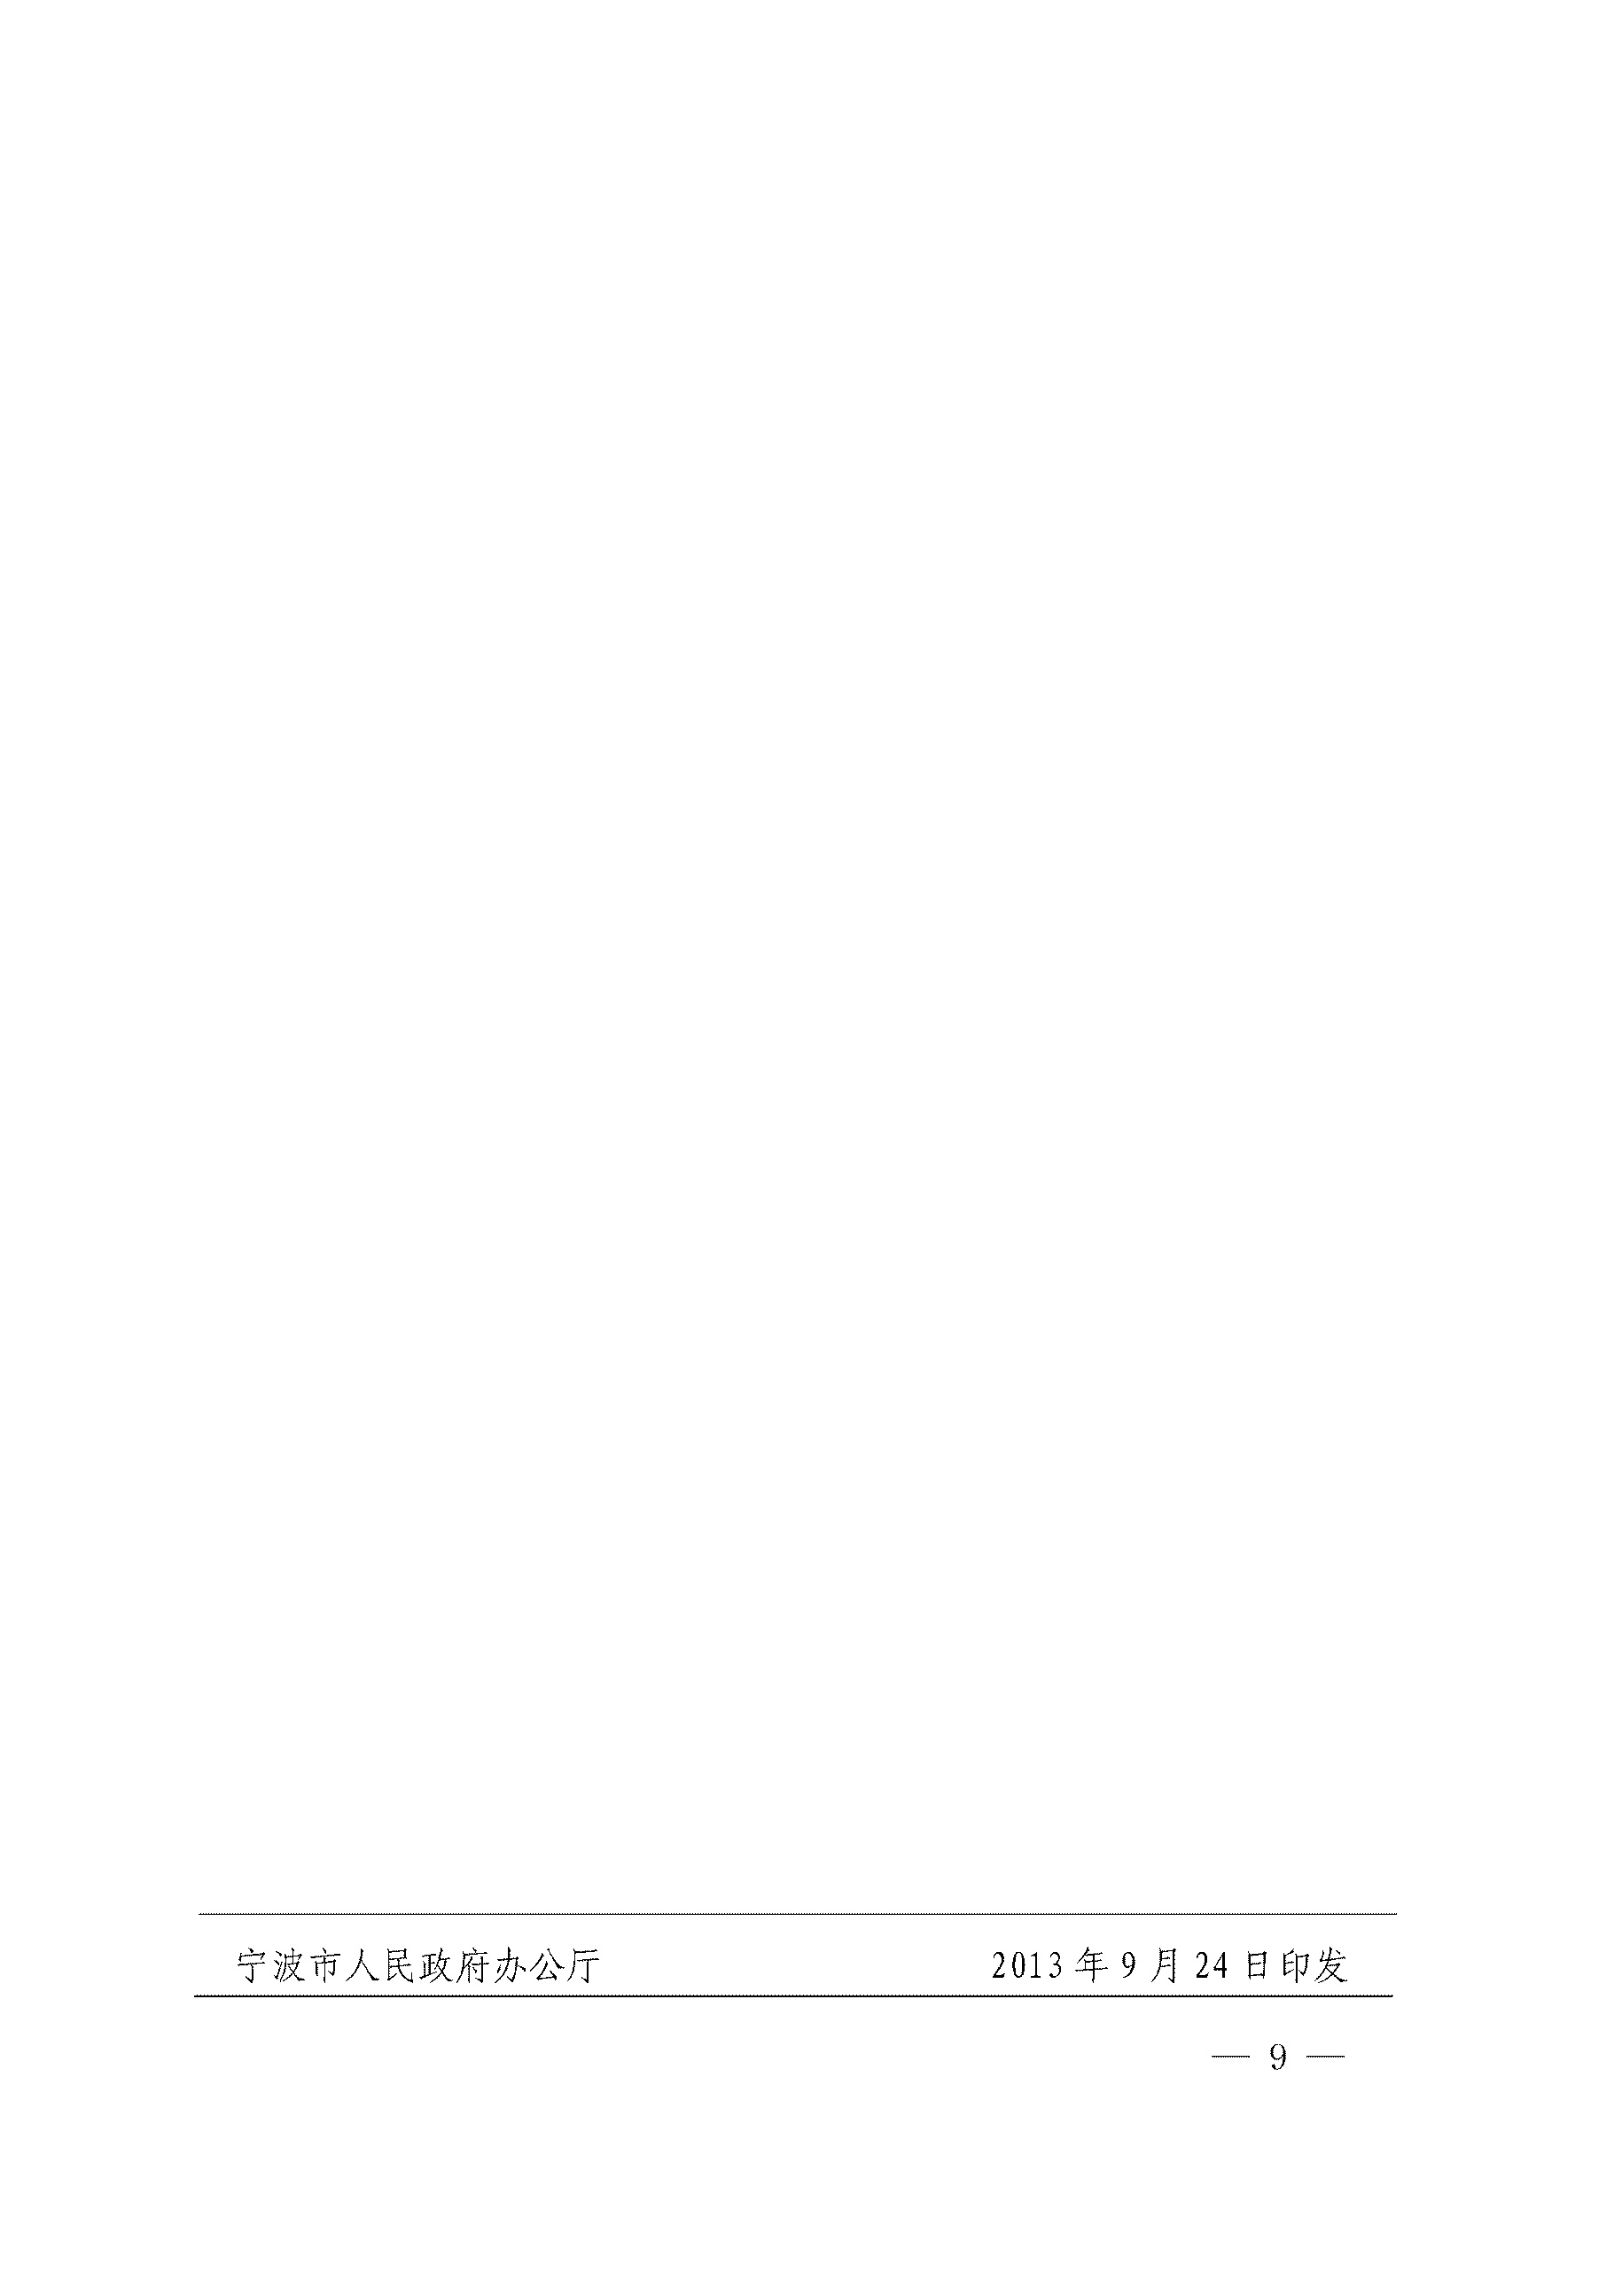 【新】博猫登录网址那就完了市人民政府办公厅关于印发博猫登录网址市本级政府主导型会展项目和经费使用管理办法的通知_p9.jpg